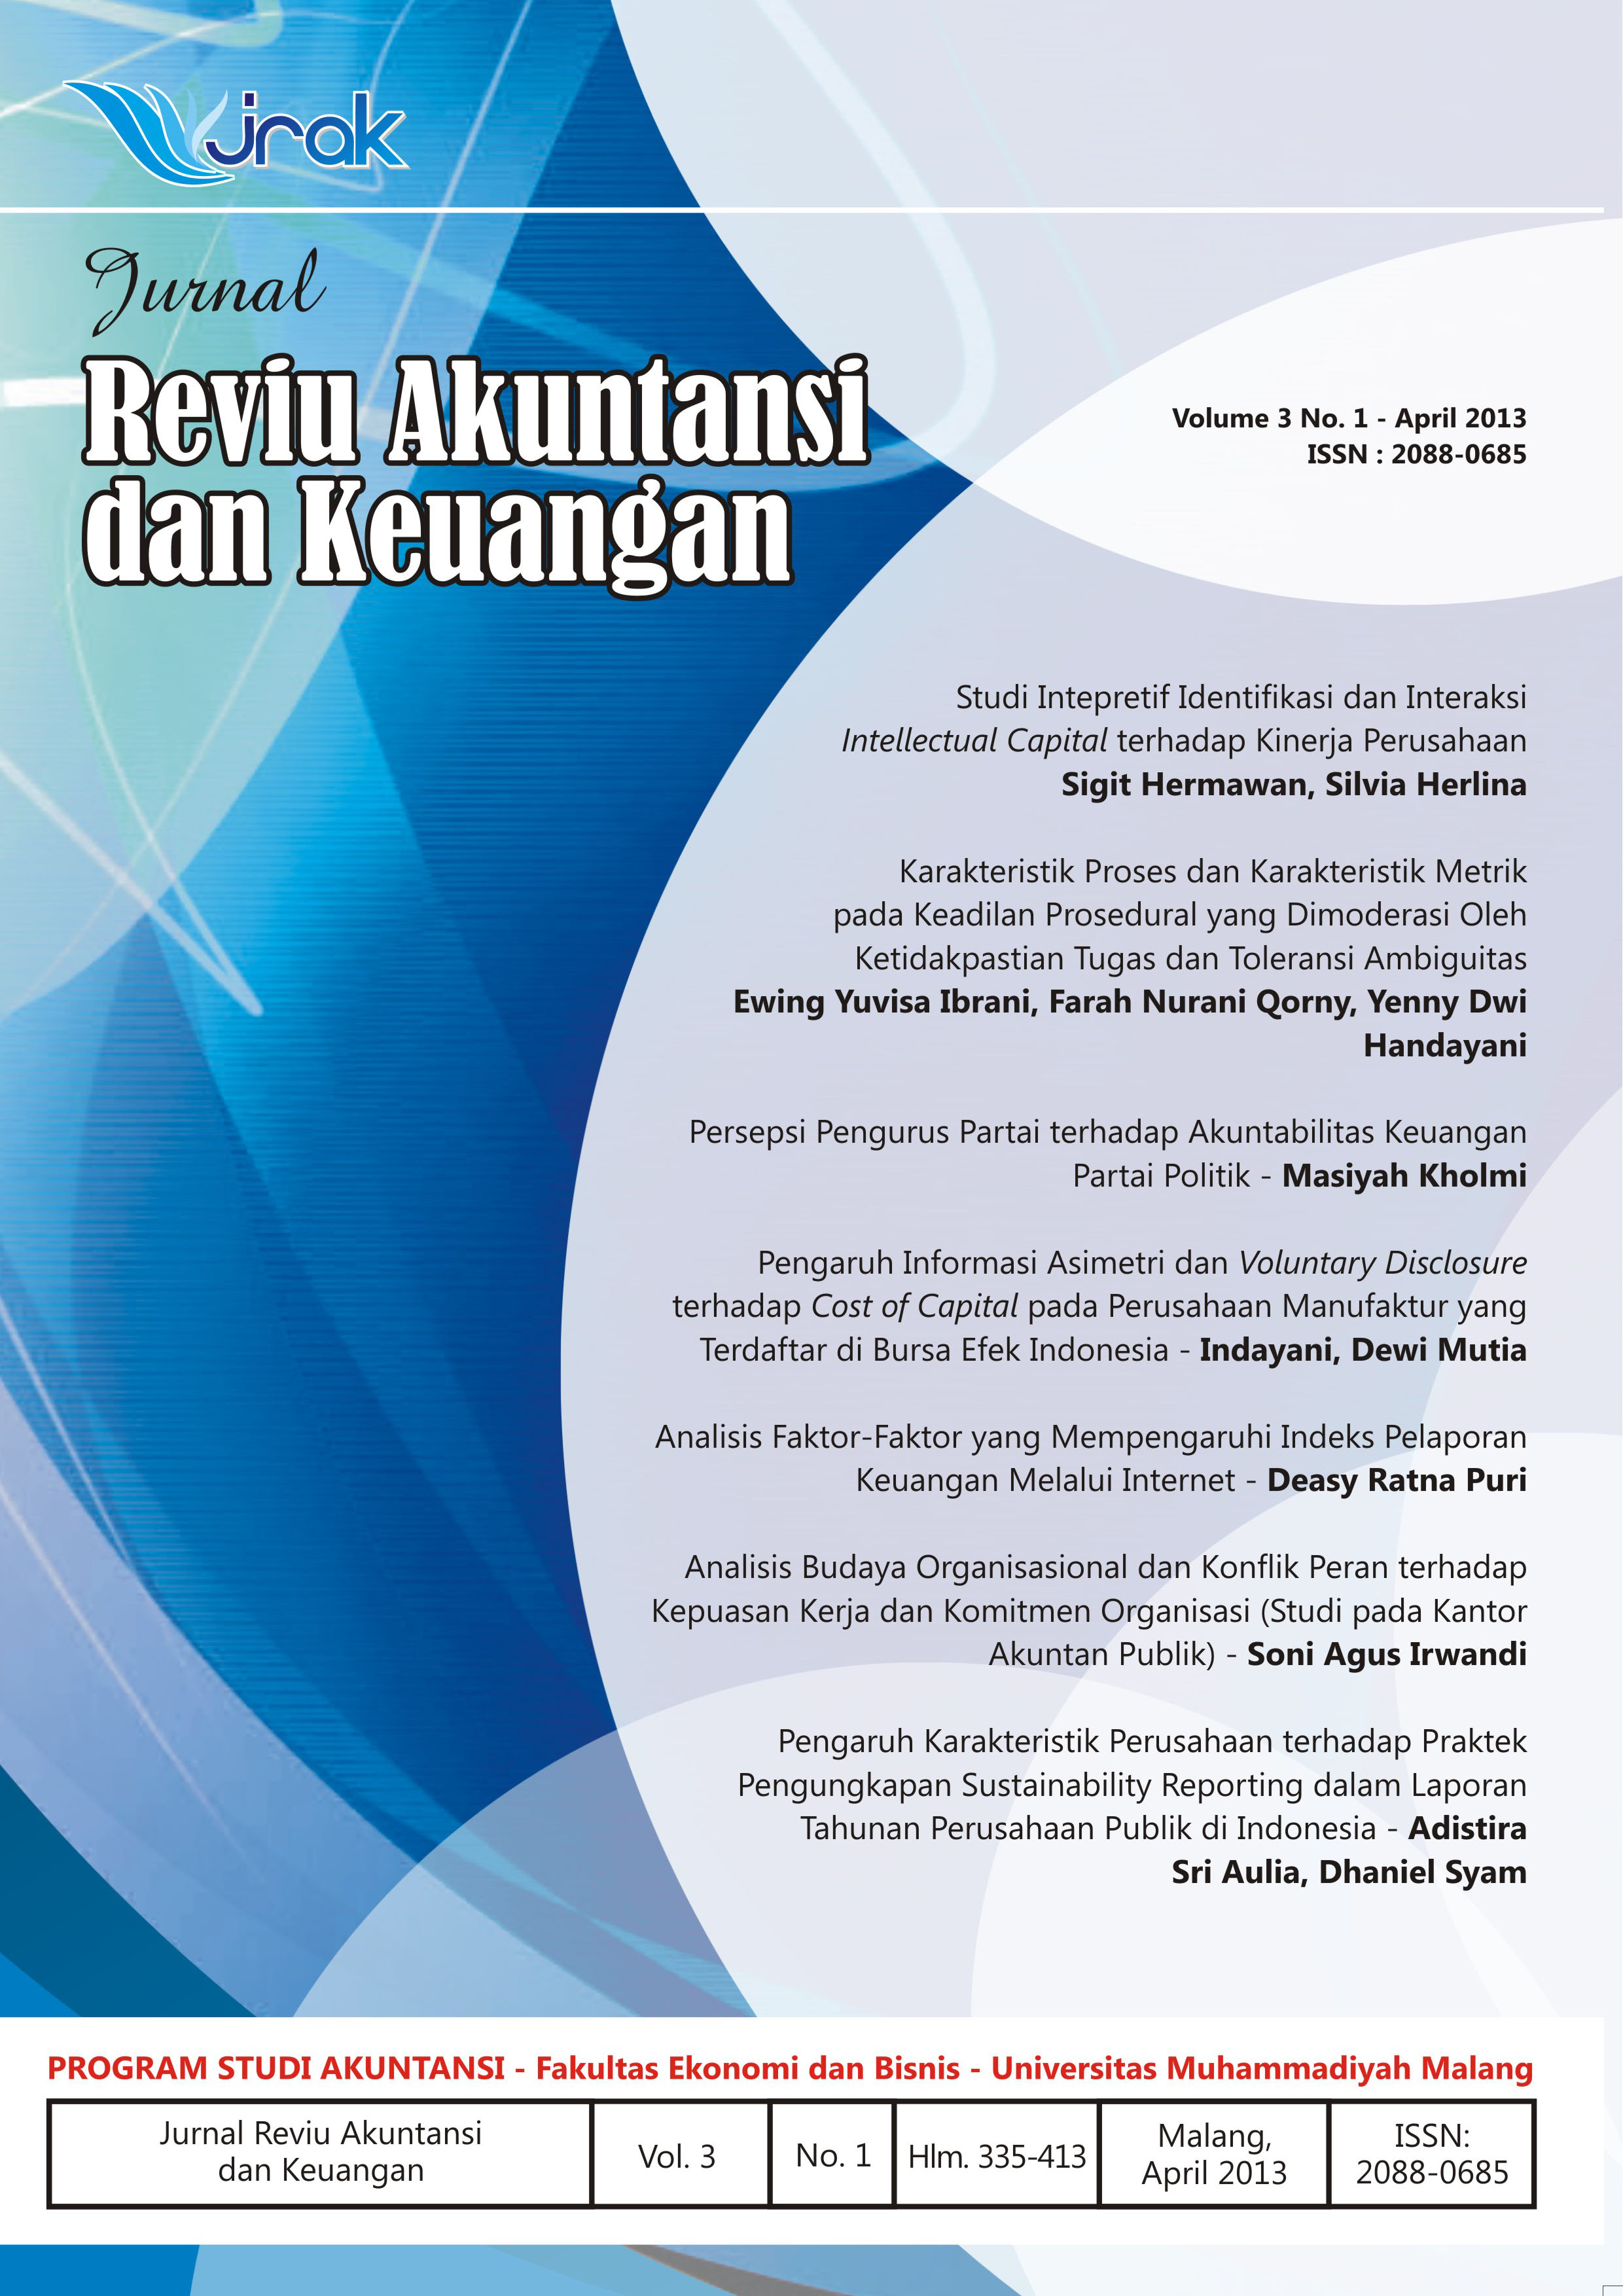 View Vol. 3 No. 1: Jurnal Reviu Akuntansi dan Keuangan